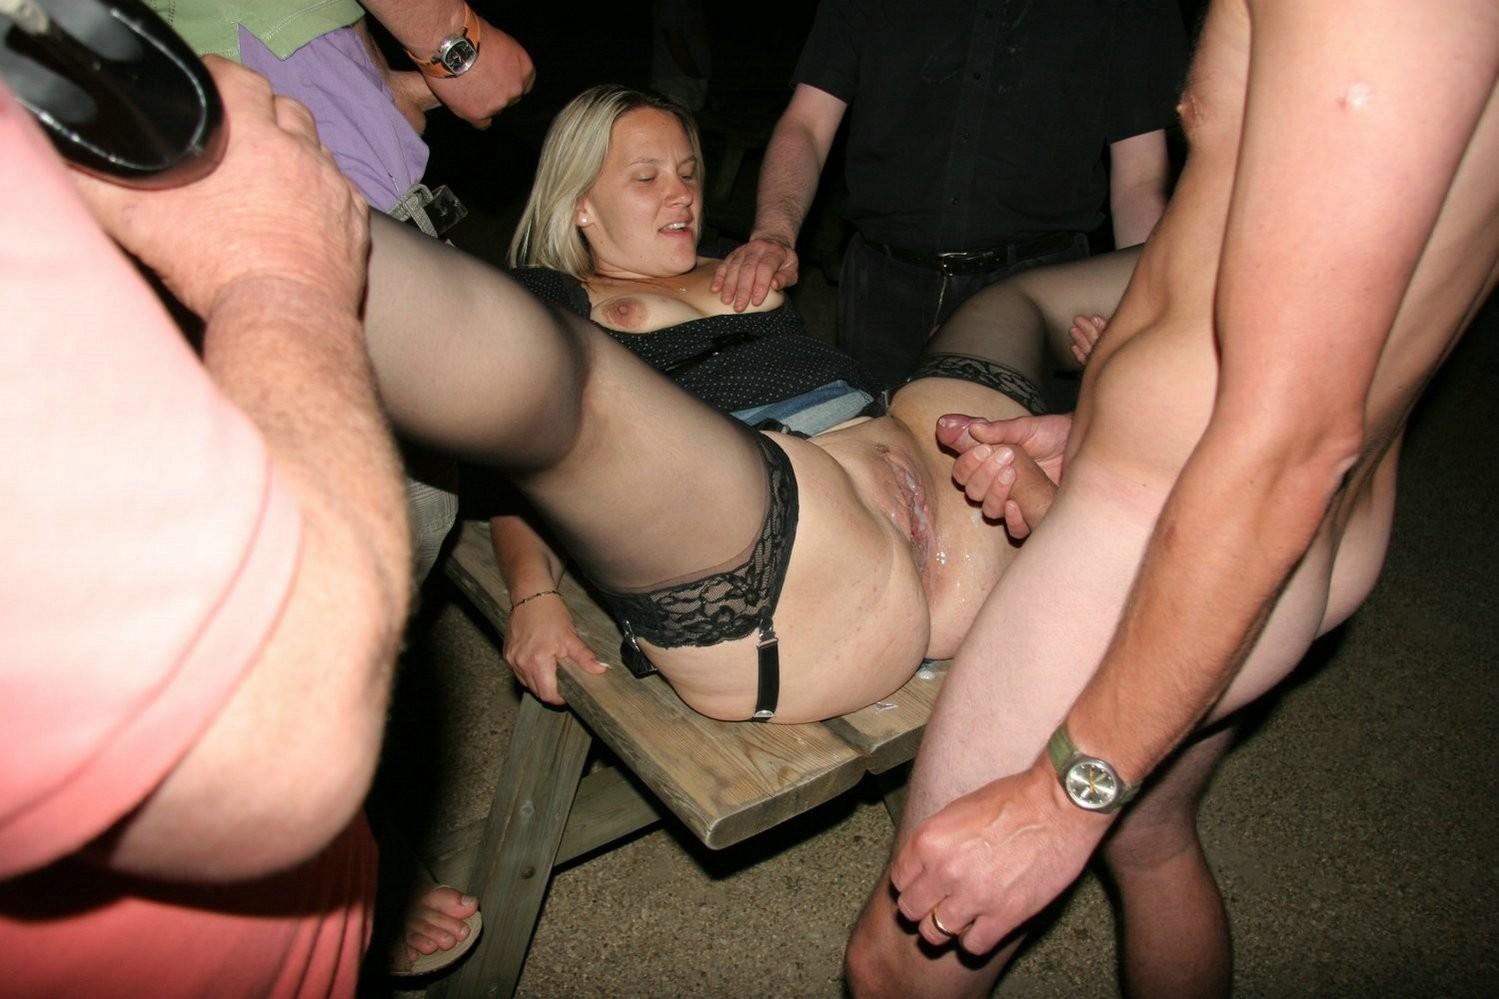 В доме терпимости пьяных шлюх ебут